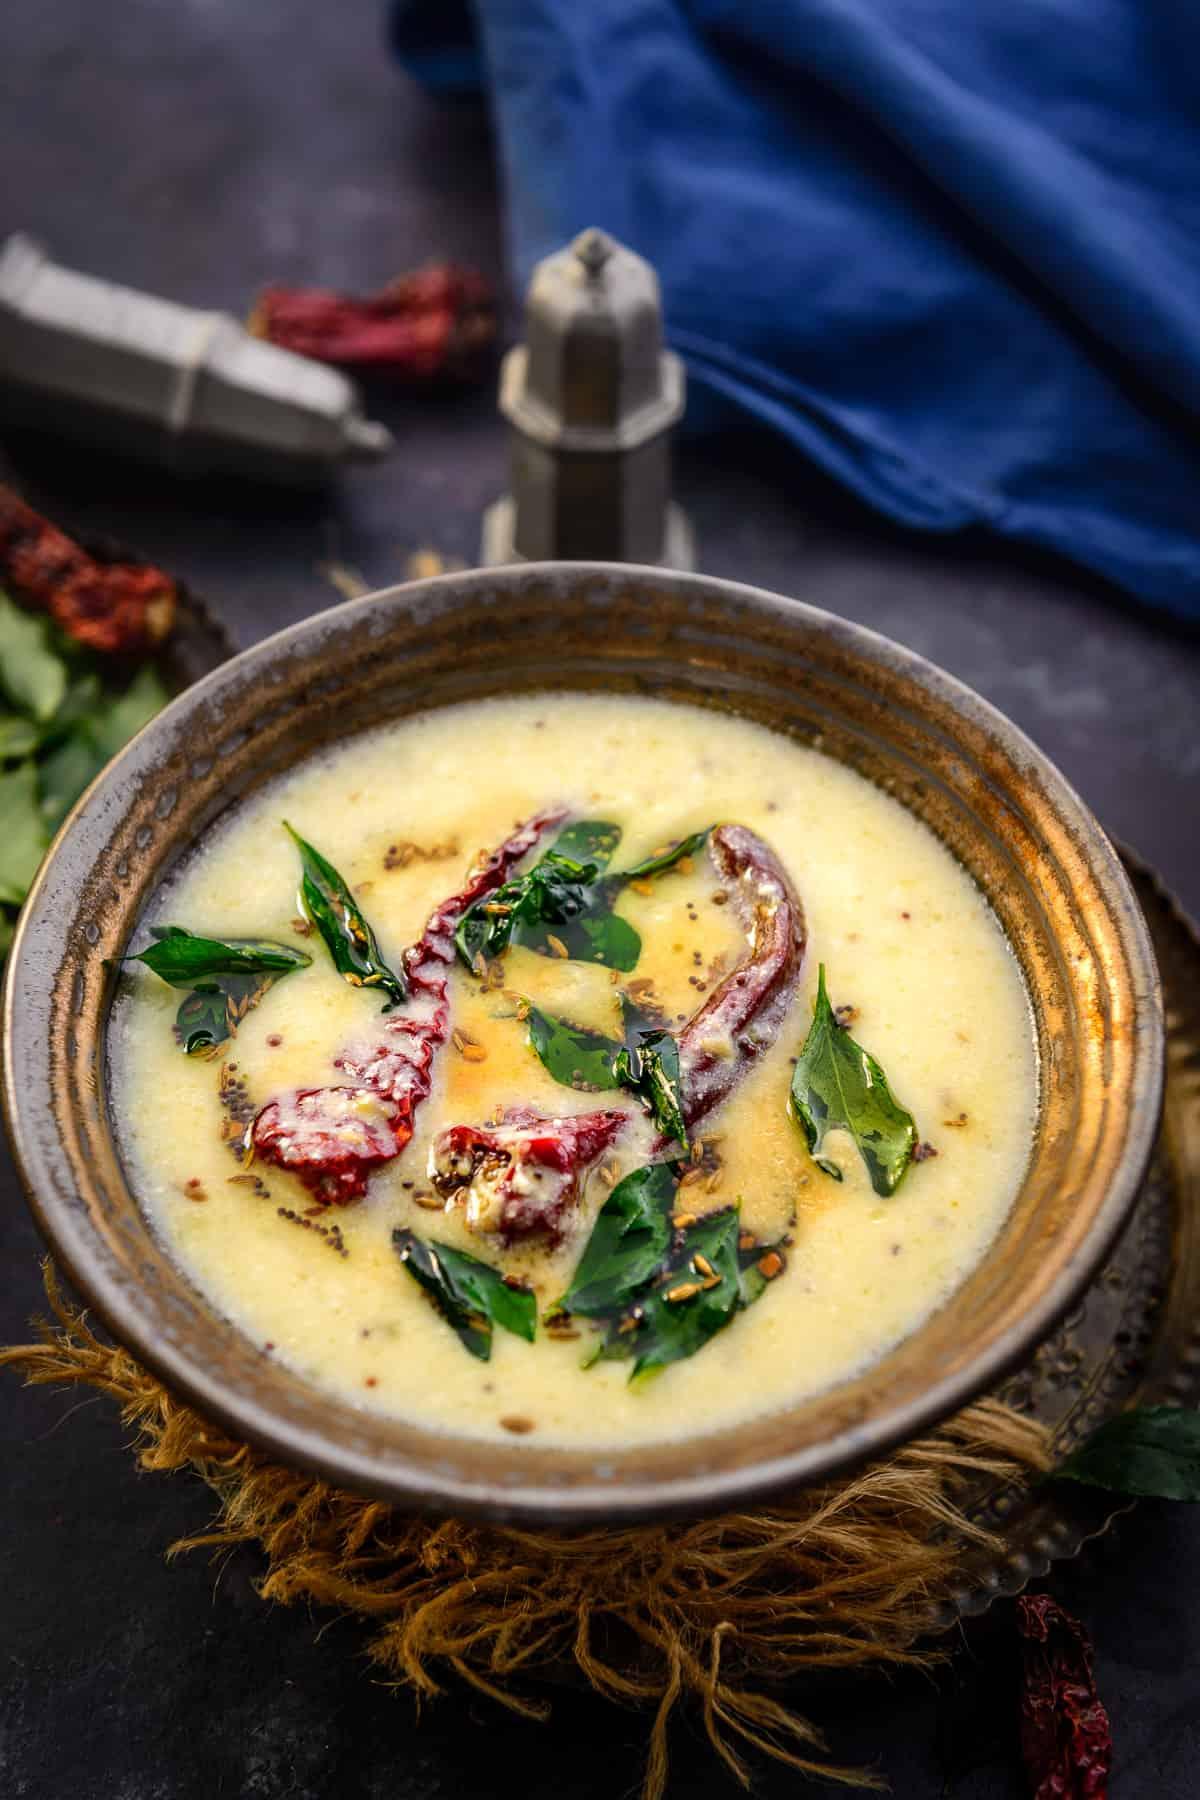 Gujarati kadhi served in a bowl.